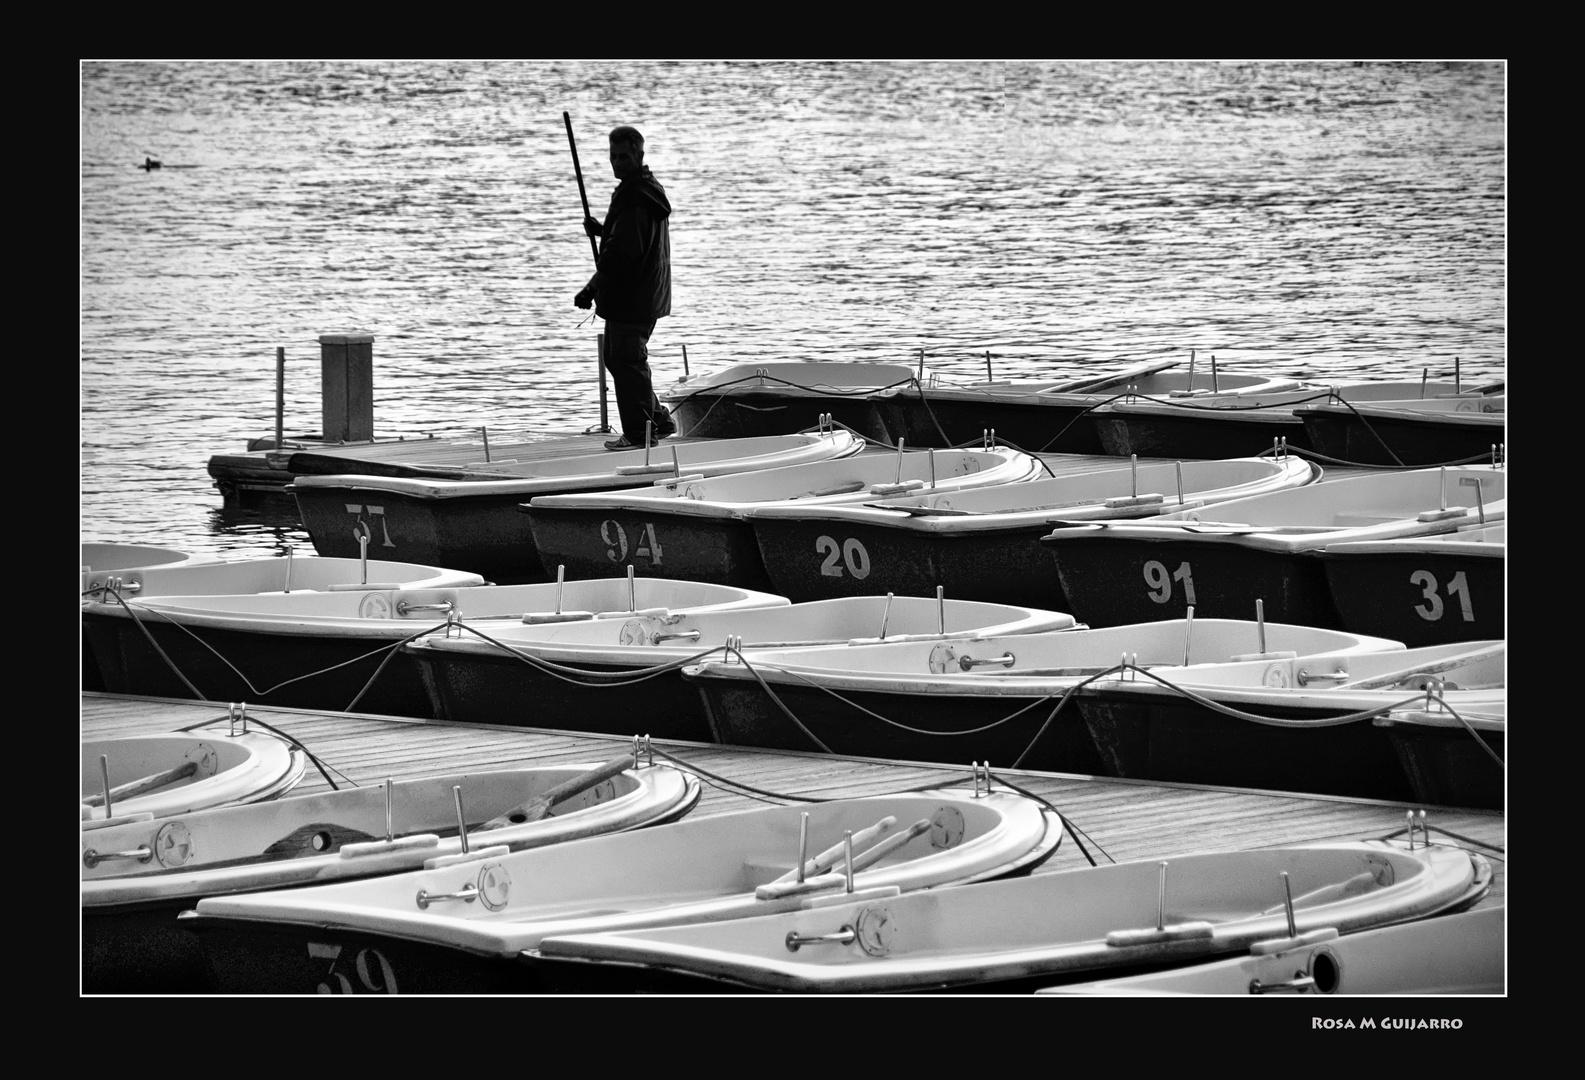 El barquero